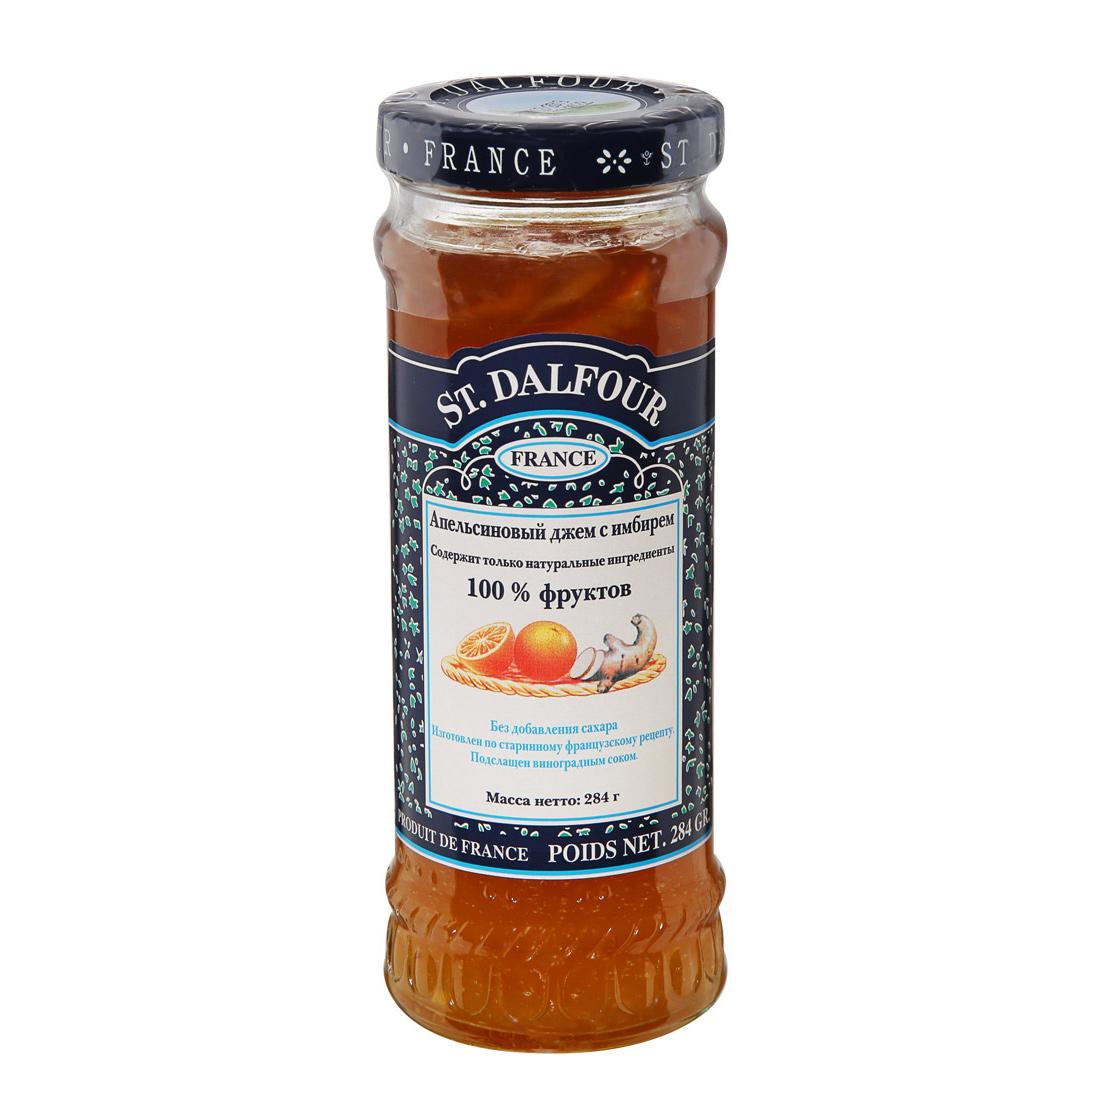 Джем St.Dalfour Апельсин и Имбирь 284 г апельсиновый мармелад шикарный апельсиновый мармеладный джем 10 унций 284 г